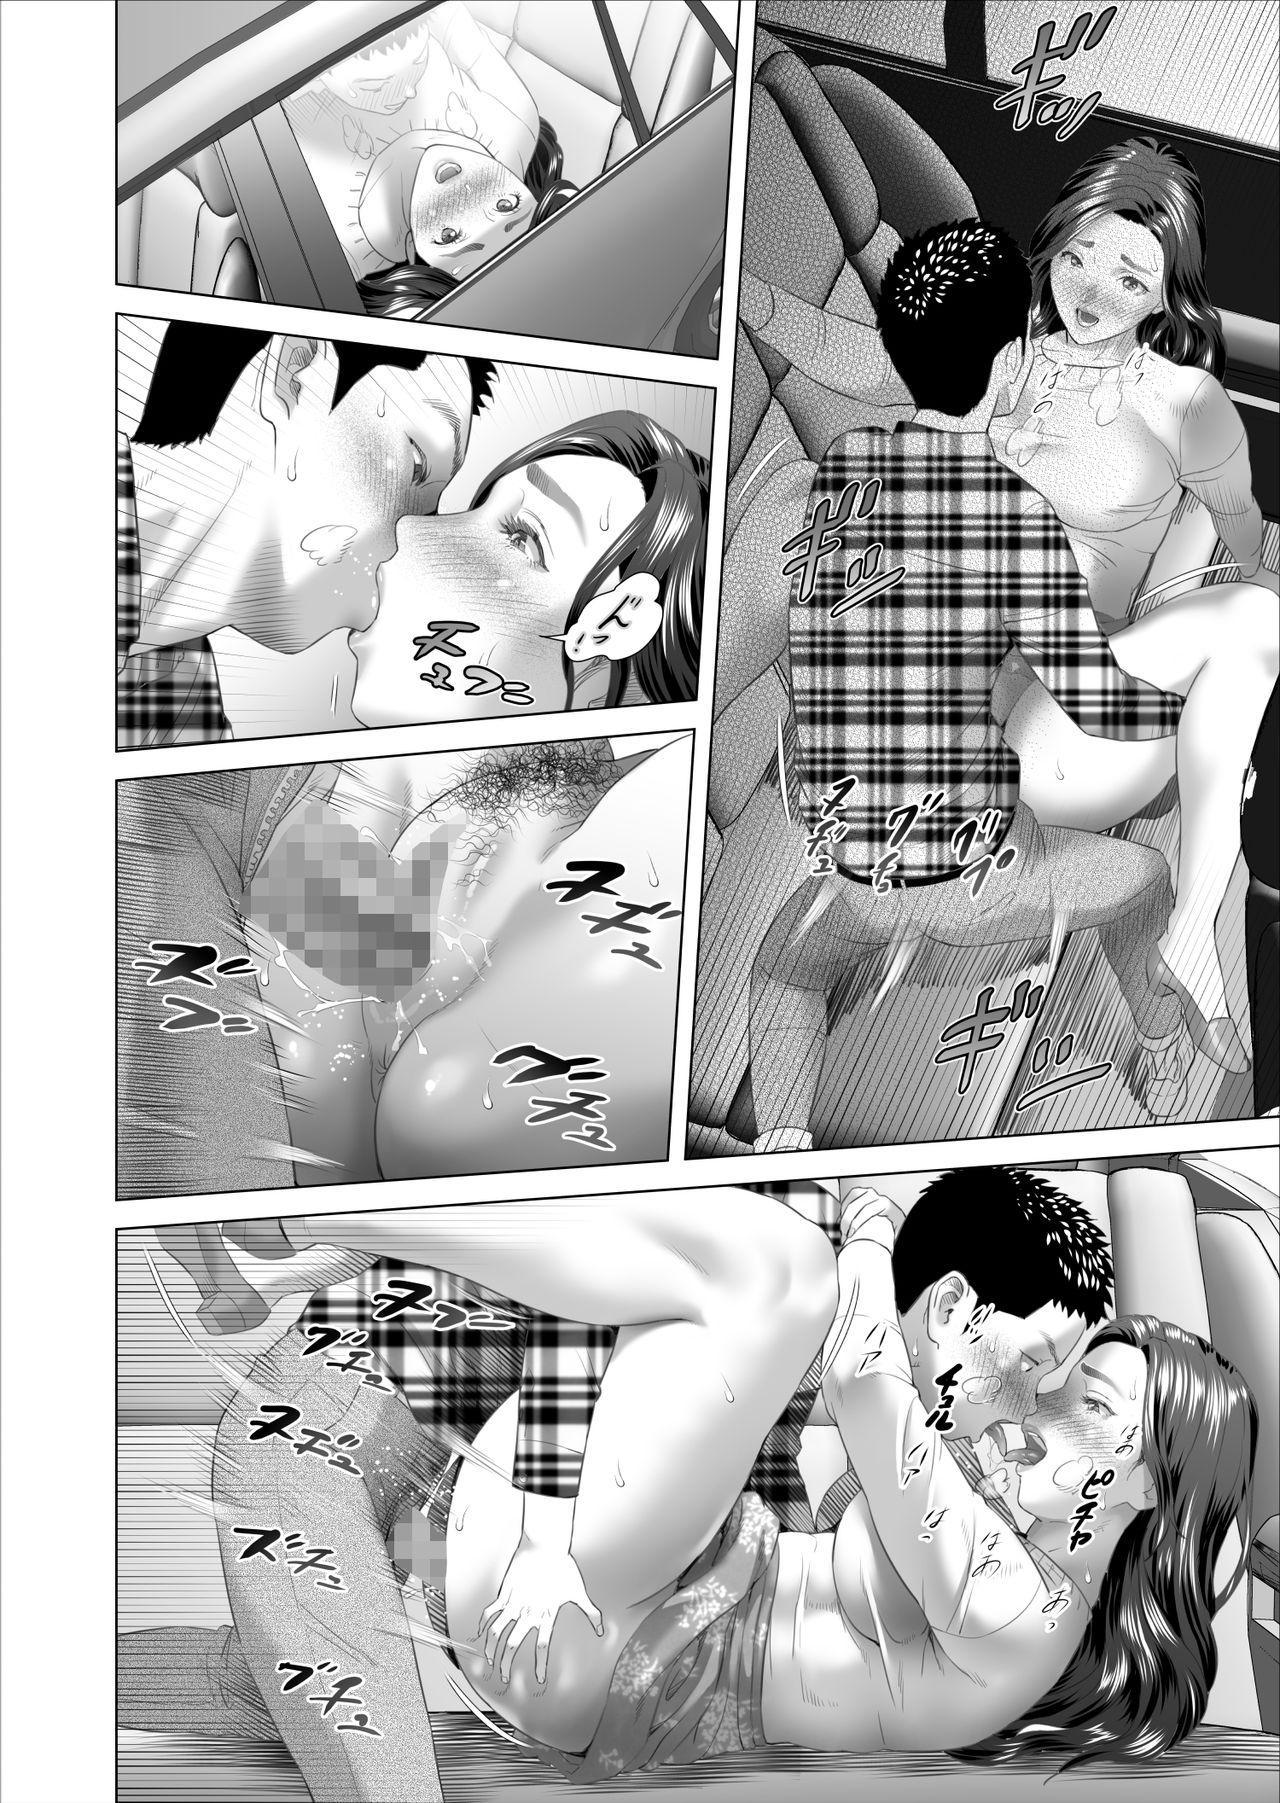 Kinjo Yuuwaku Musuko No Afureru Seiyoku Haha-Hen | Neighborhood Seduction 31